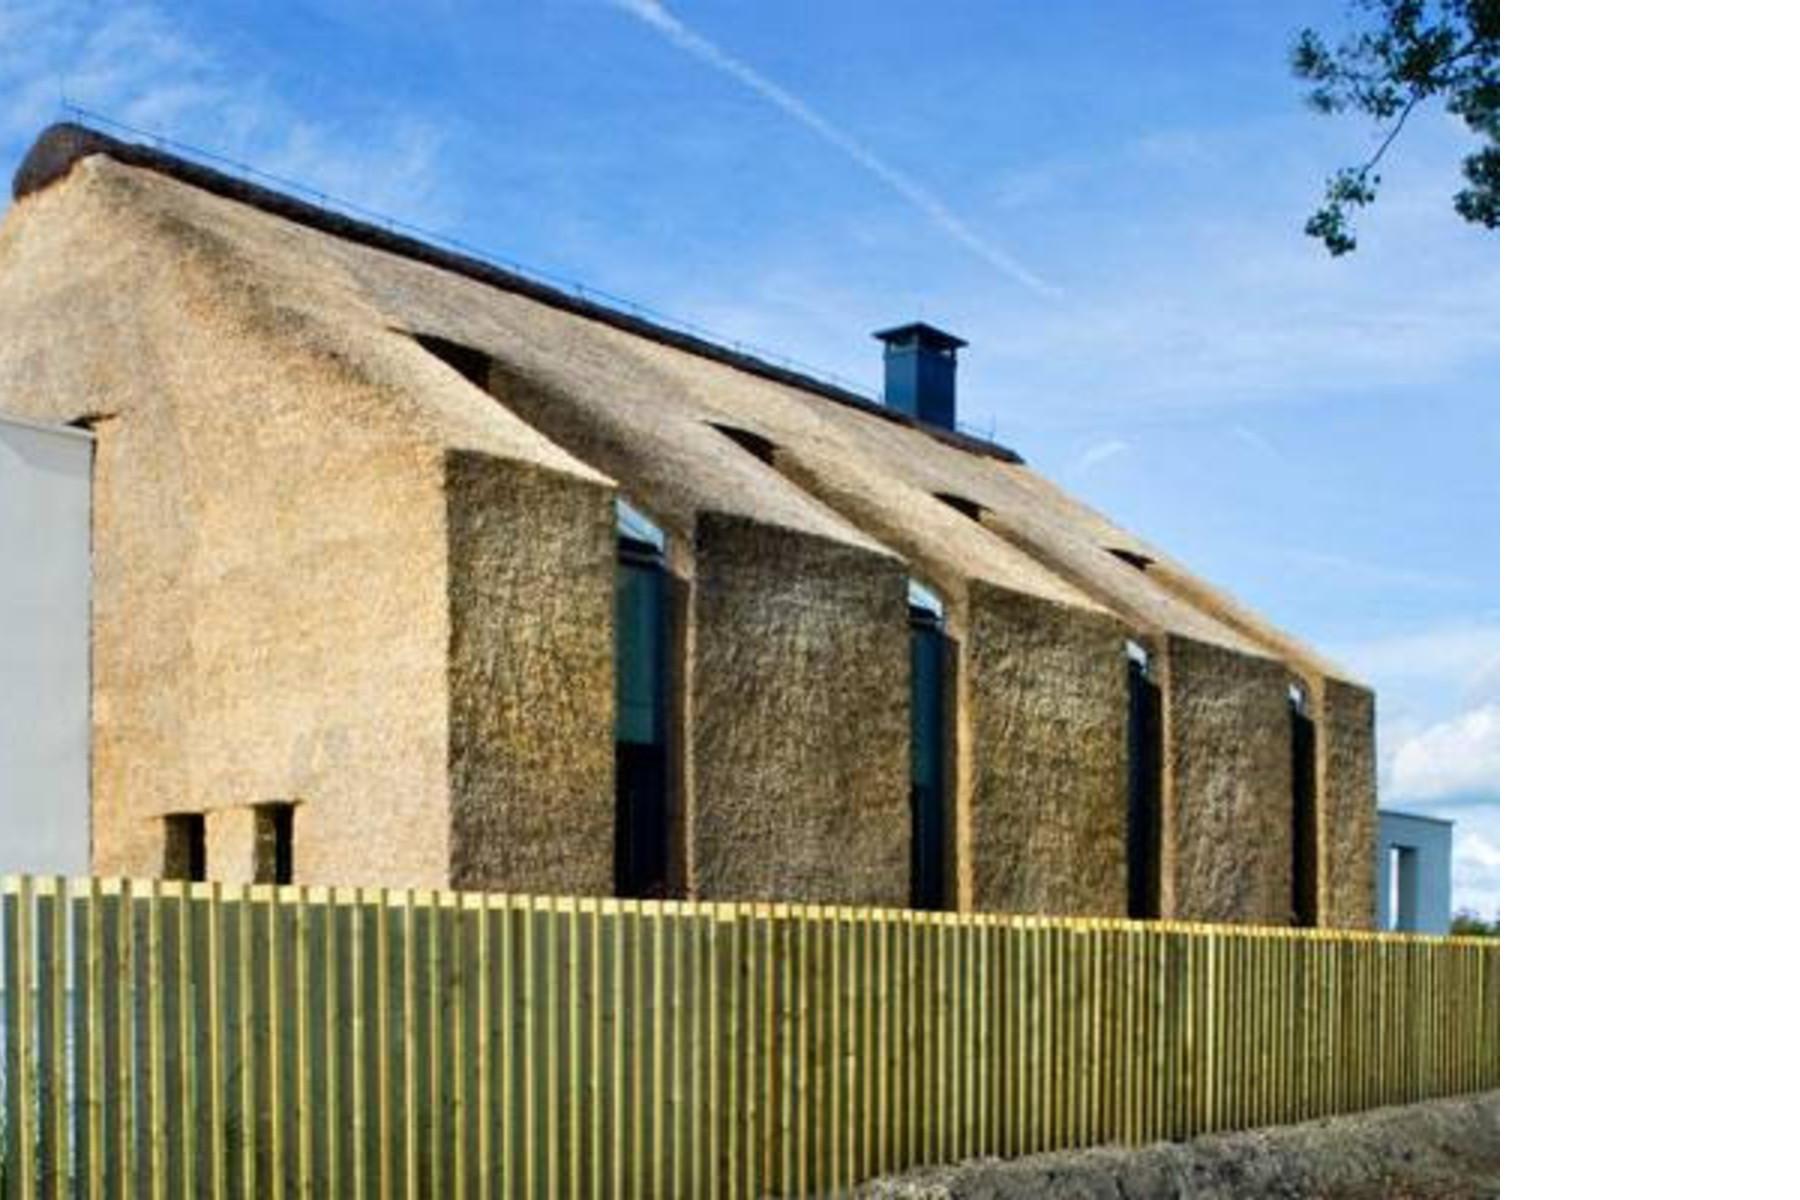 Architettura sostenibile rivestimenti ceramici